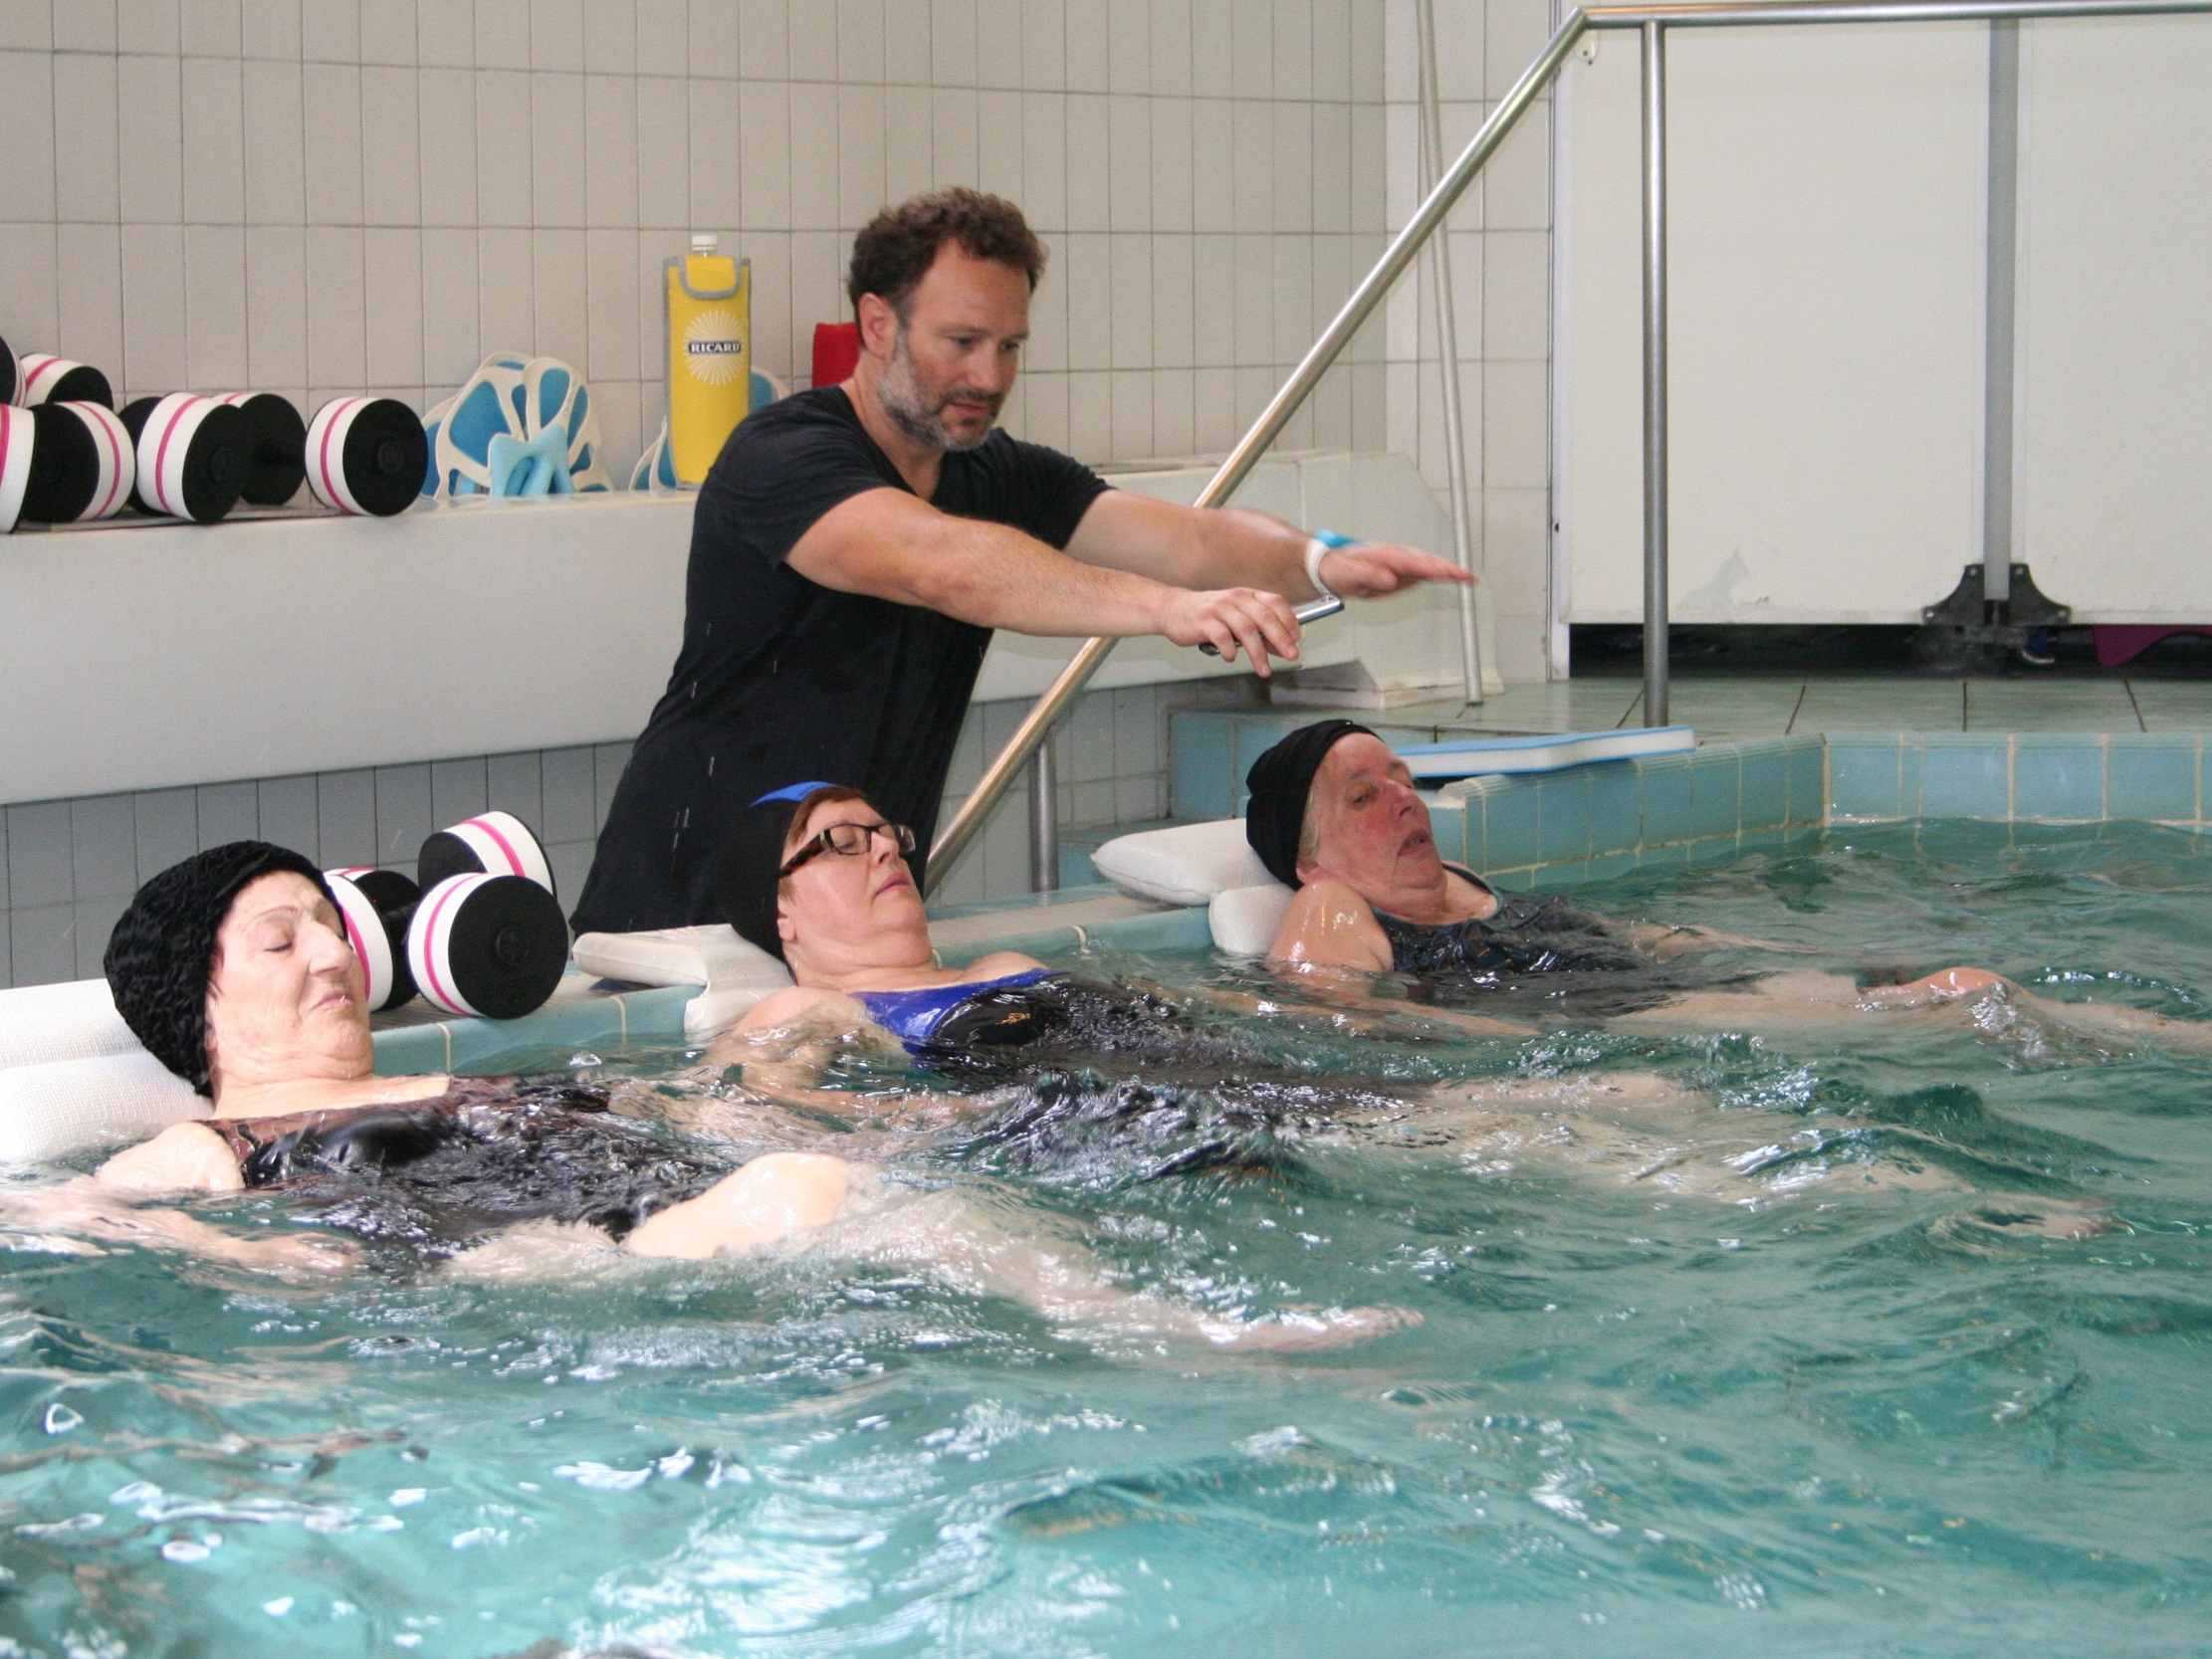 Piscine de mobilisation - SOIN DE RHUMATOLOGIESous la direction d'un kinésithérapeute, exercices mobilisant les différentes articulations dans une piscine d'eau thermale (33 à 35°C). Amélioration de la mobilité, raffermissement musculaire.Durée du soin : 20minEffets décontractants.